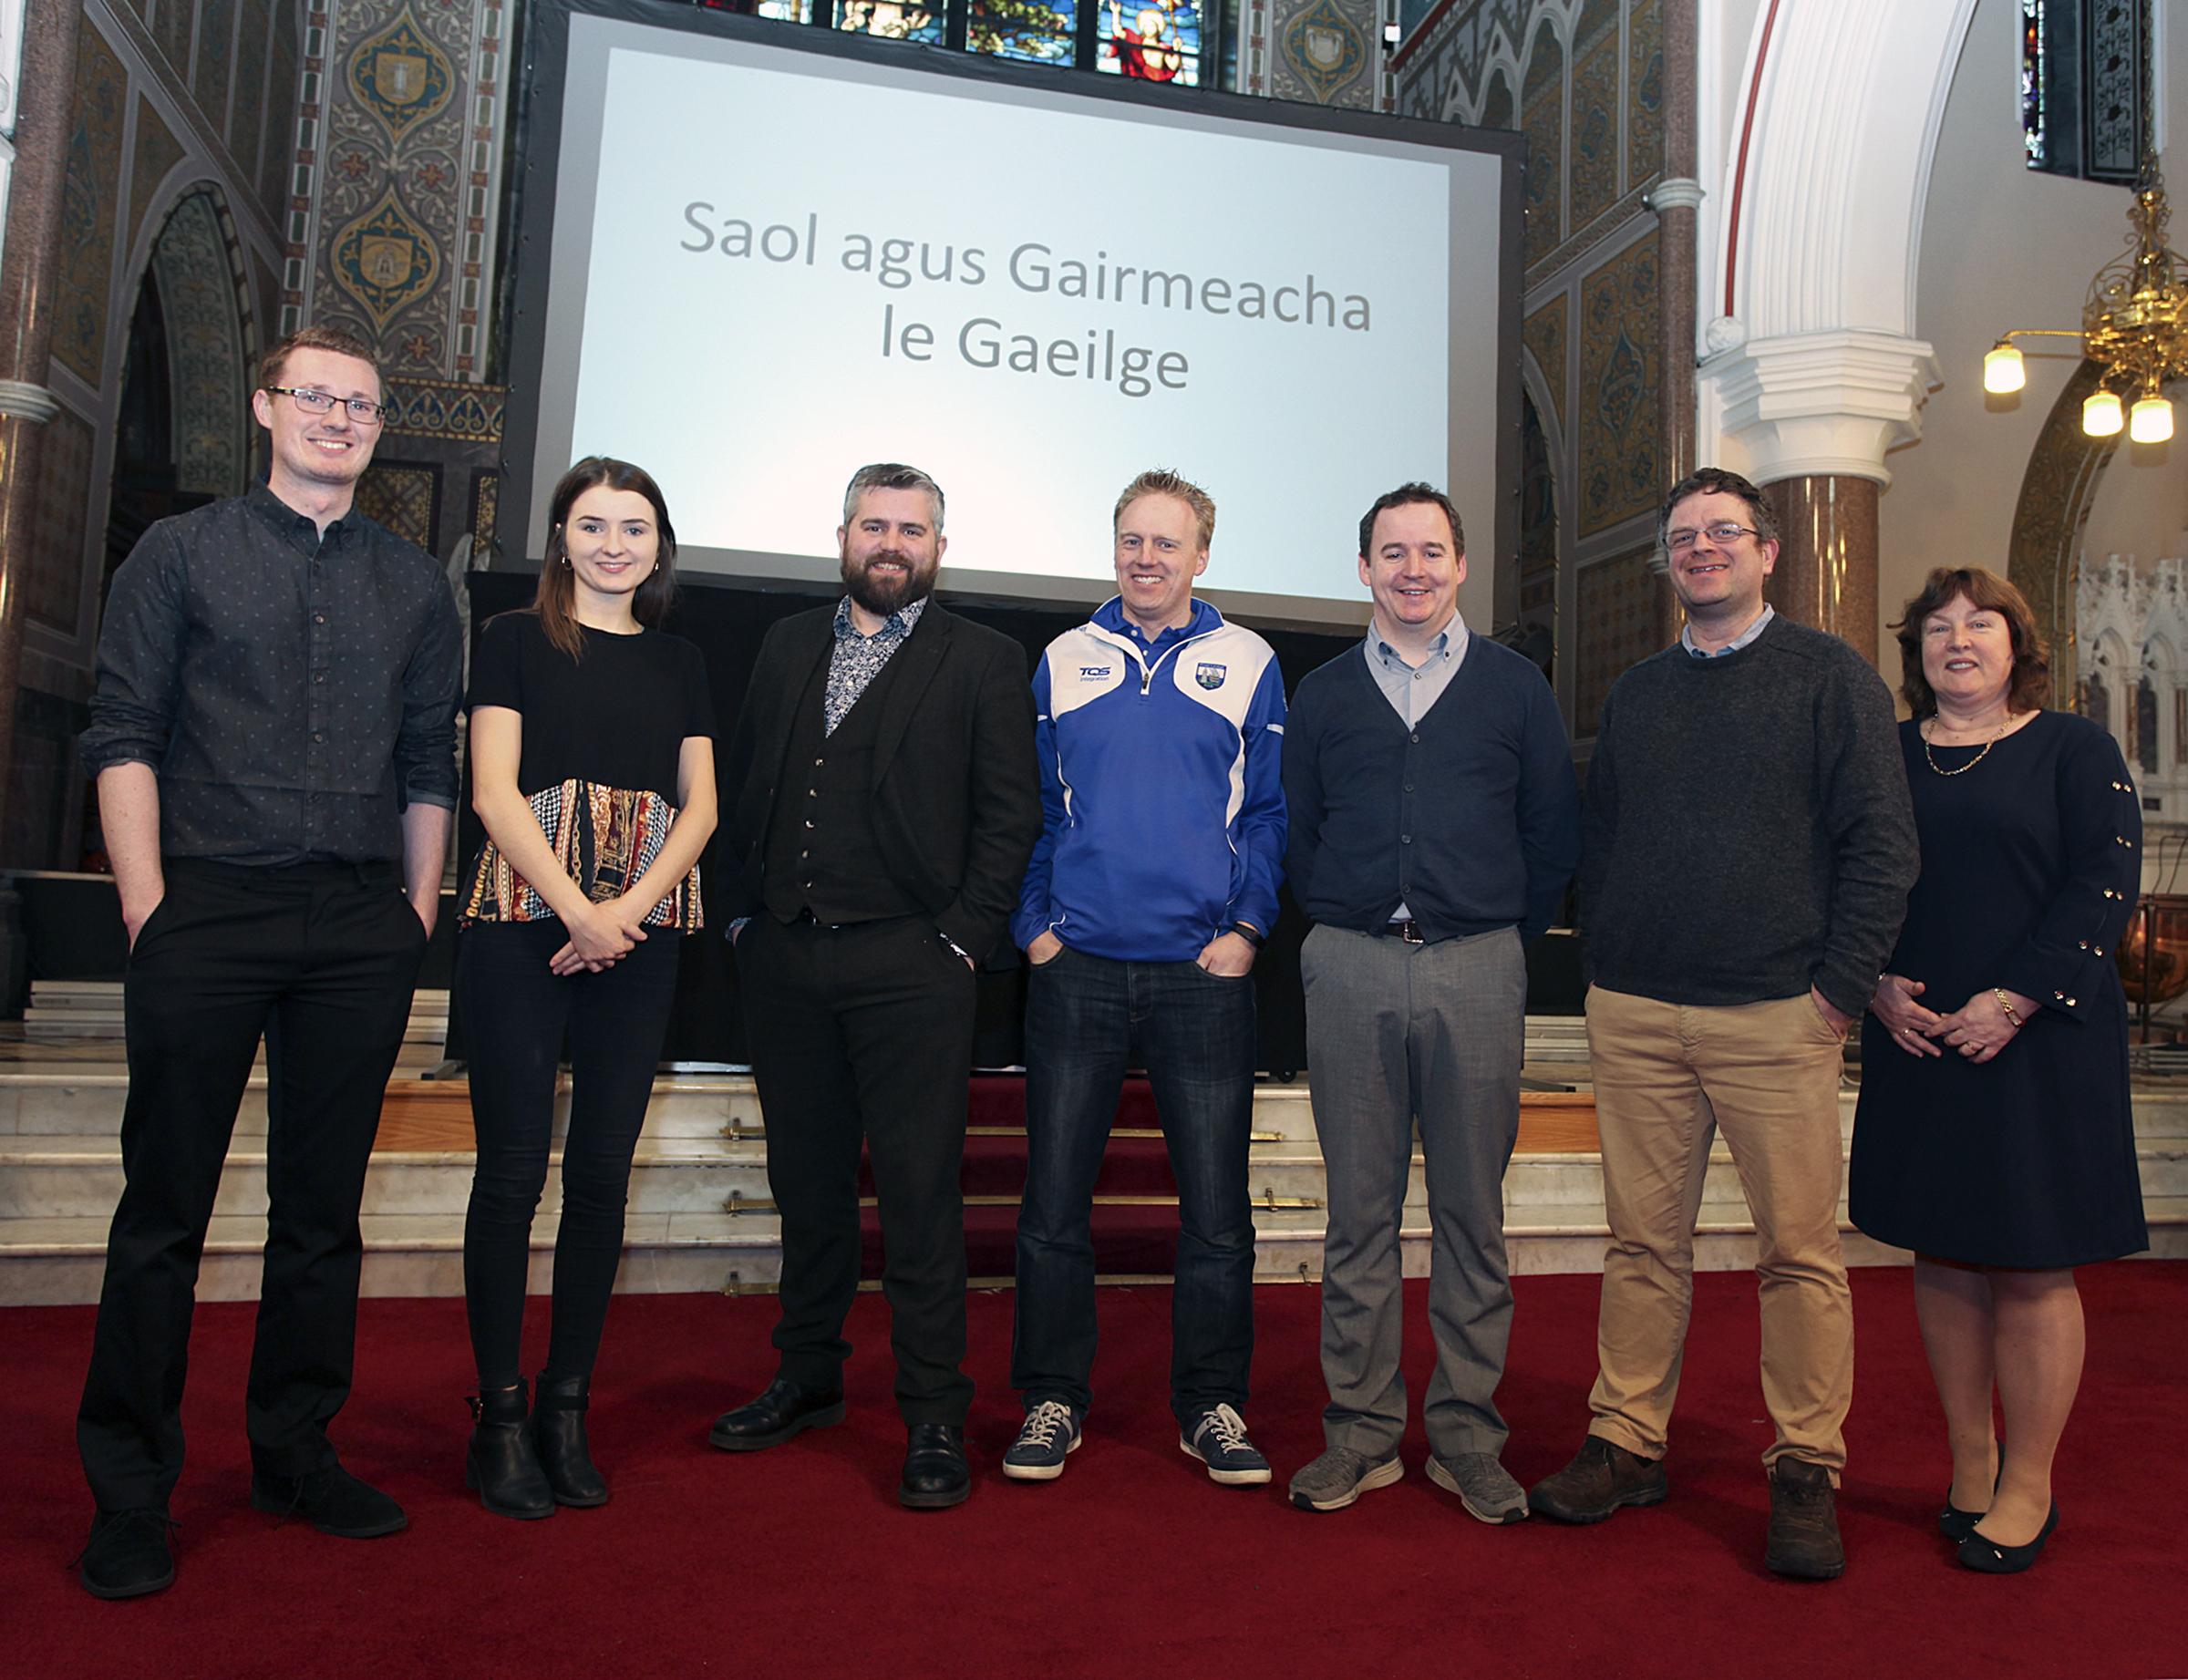 Pól Ó Finn, Níamh Ní Chróinín, Peter Kavanagh, Eoin Breathnach, Dr Séamus Dillon, Dr Ian Ó Catháin, Dr Suzanne Denieffe